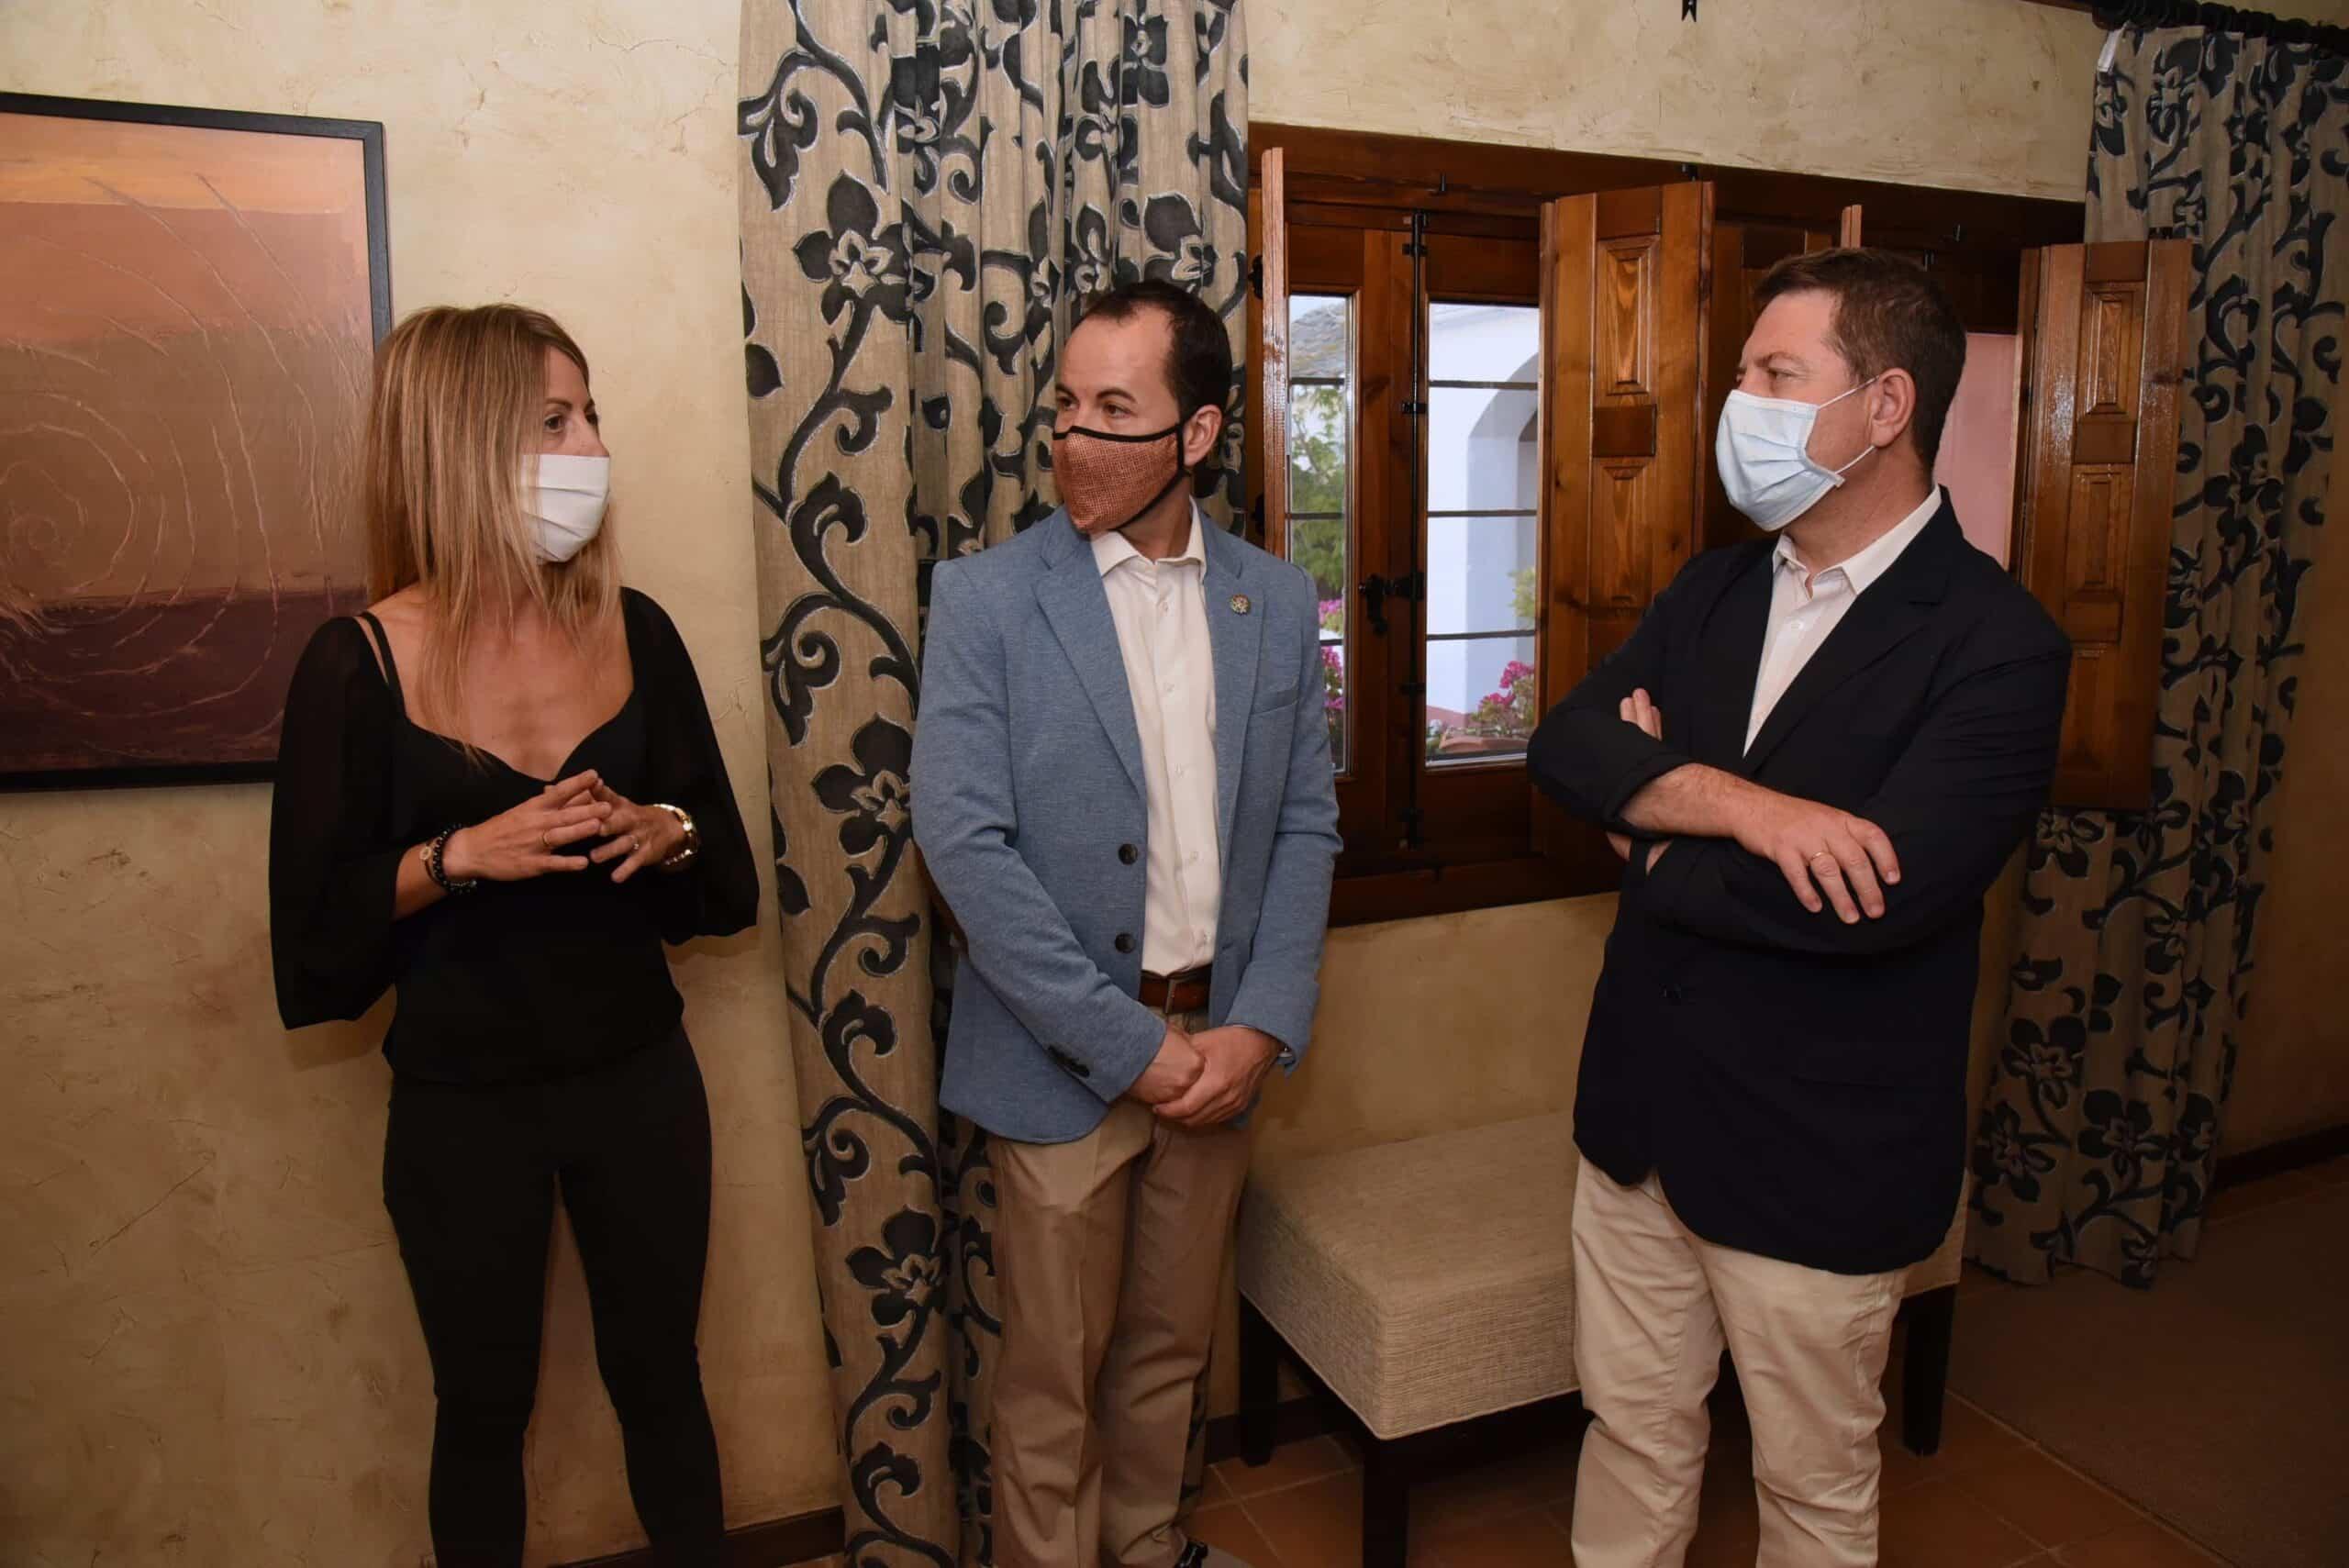 """visita el complejo rural cortijo sierra de la solana 1878 50017238372 o scaled - Visita al complejo rural """"Cortijo Sierra de la Solana 1878"""" en Herencia"""